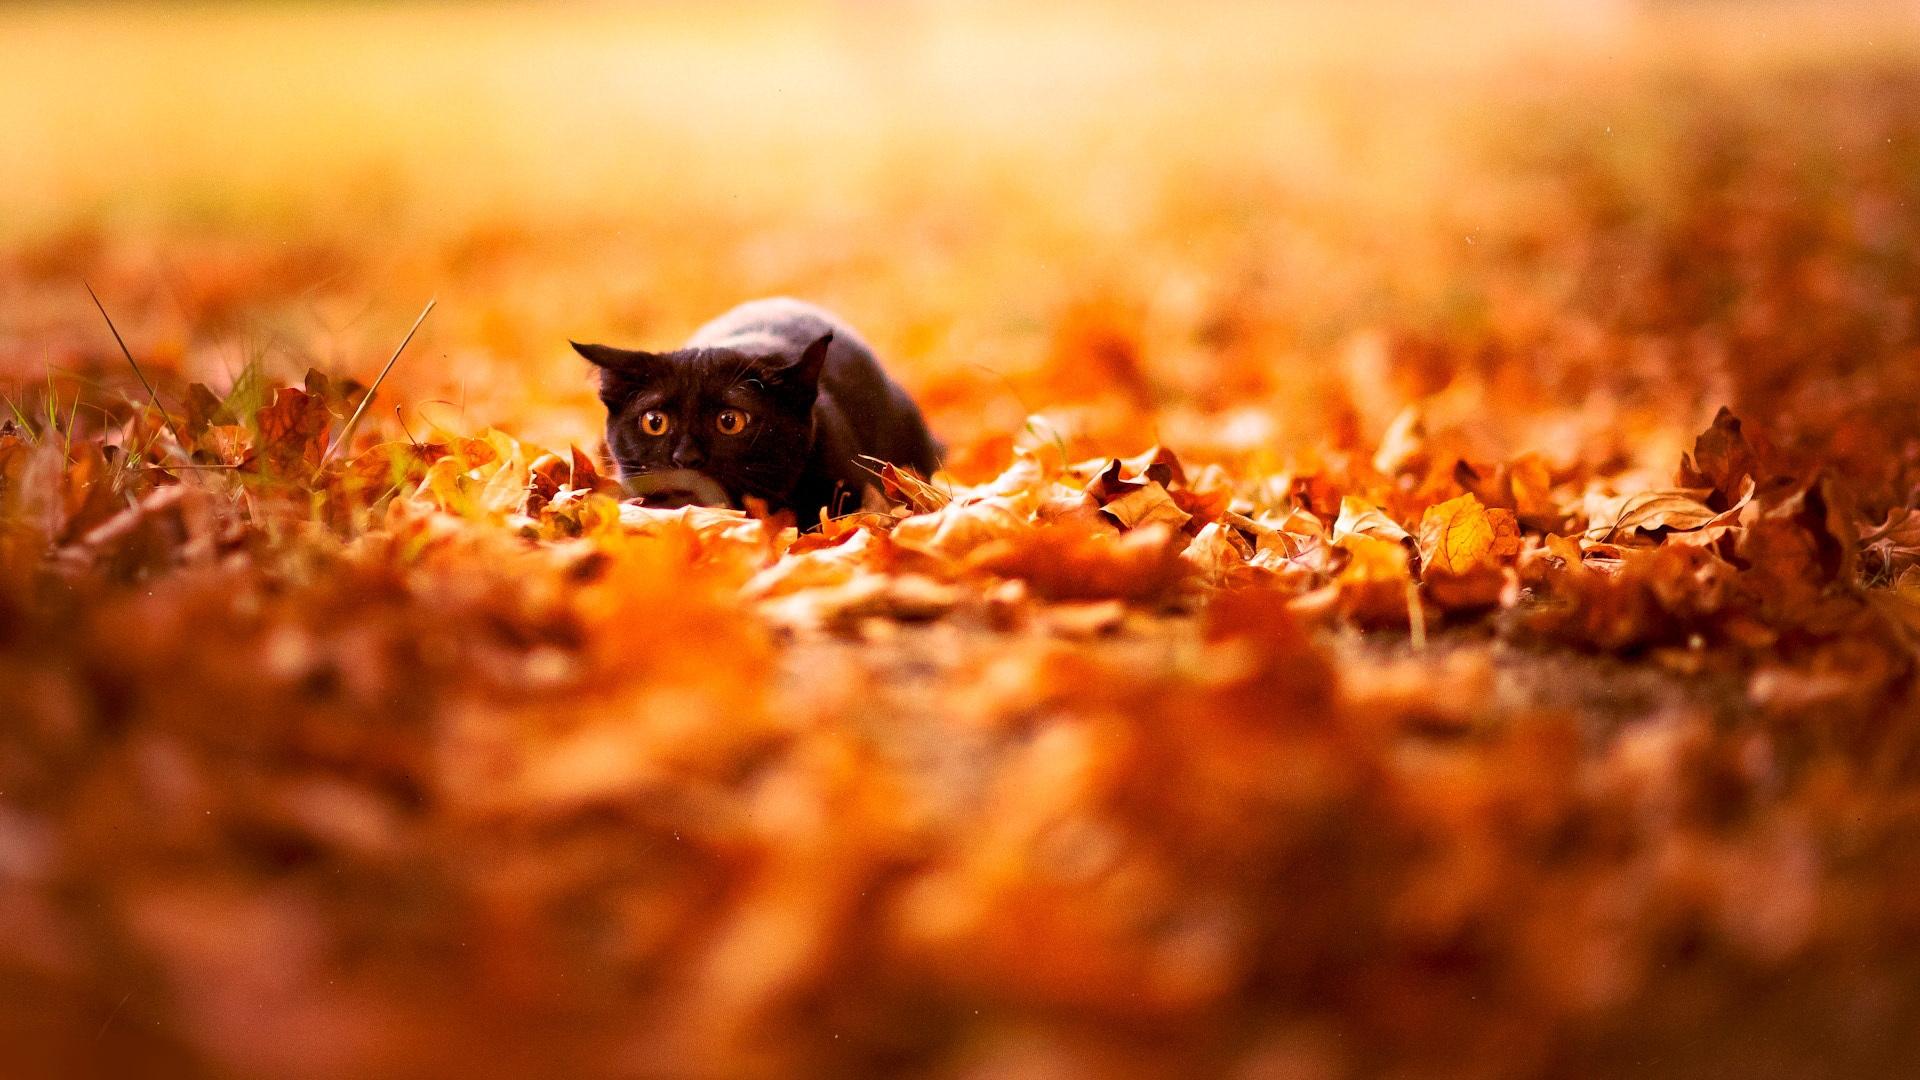 download wallpaper: een kat in een herfstbos wallpaper